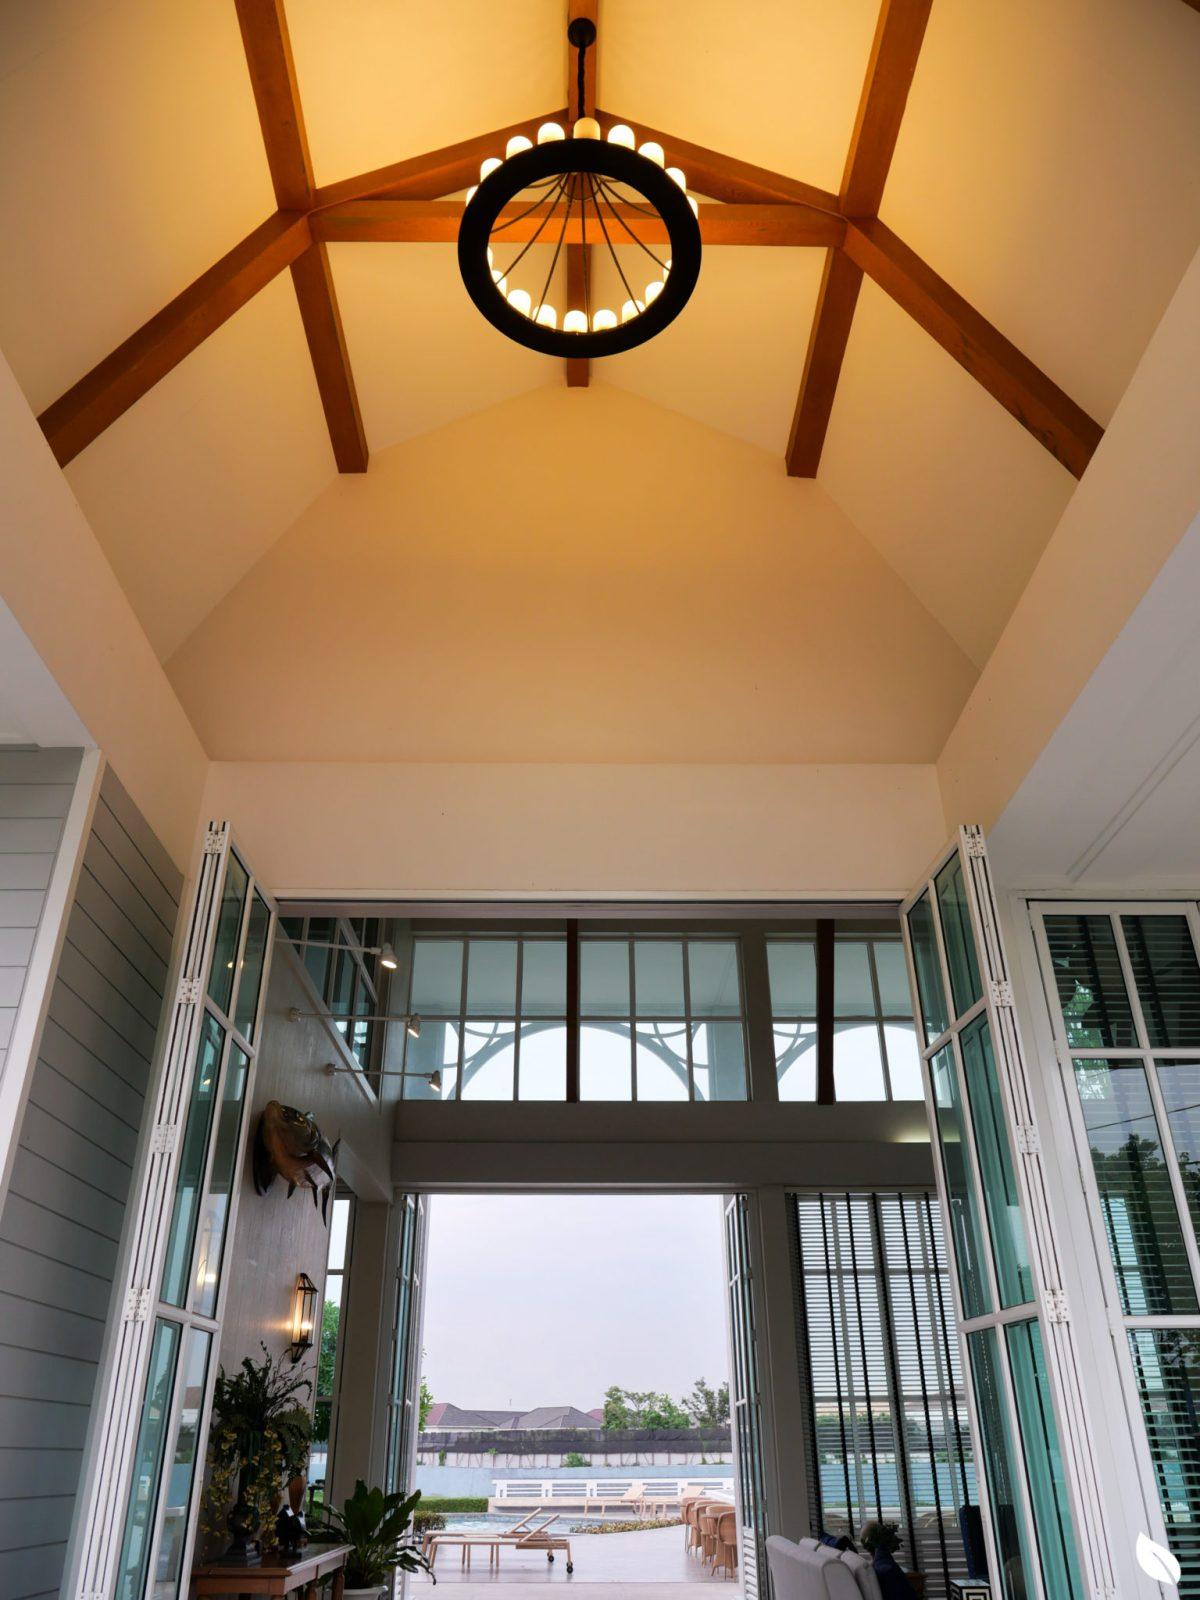 รีวิว บุราสิริ ปัญญาอินทรา บ้านเดี่ยวสวยสไตล์ New England Colonial ส่วนกลางกว่า 13 ไร่โดย SANSIRI 32 - burasiri